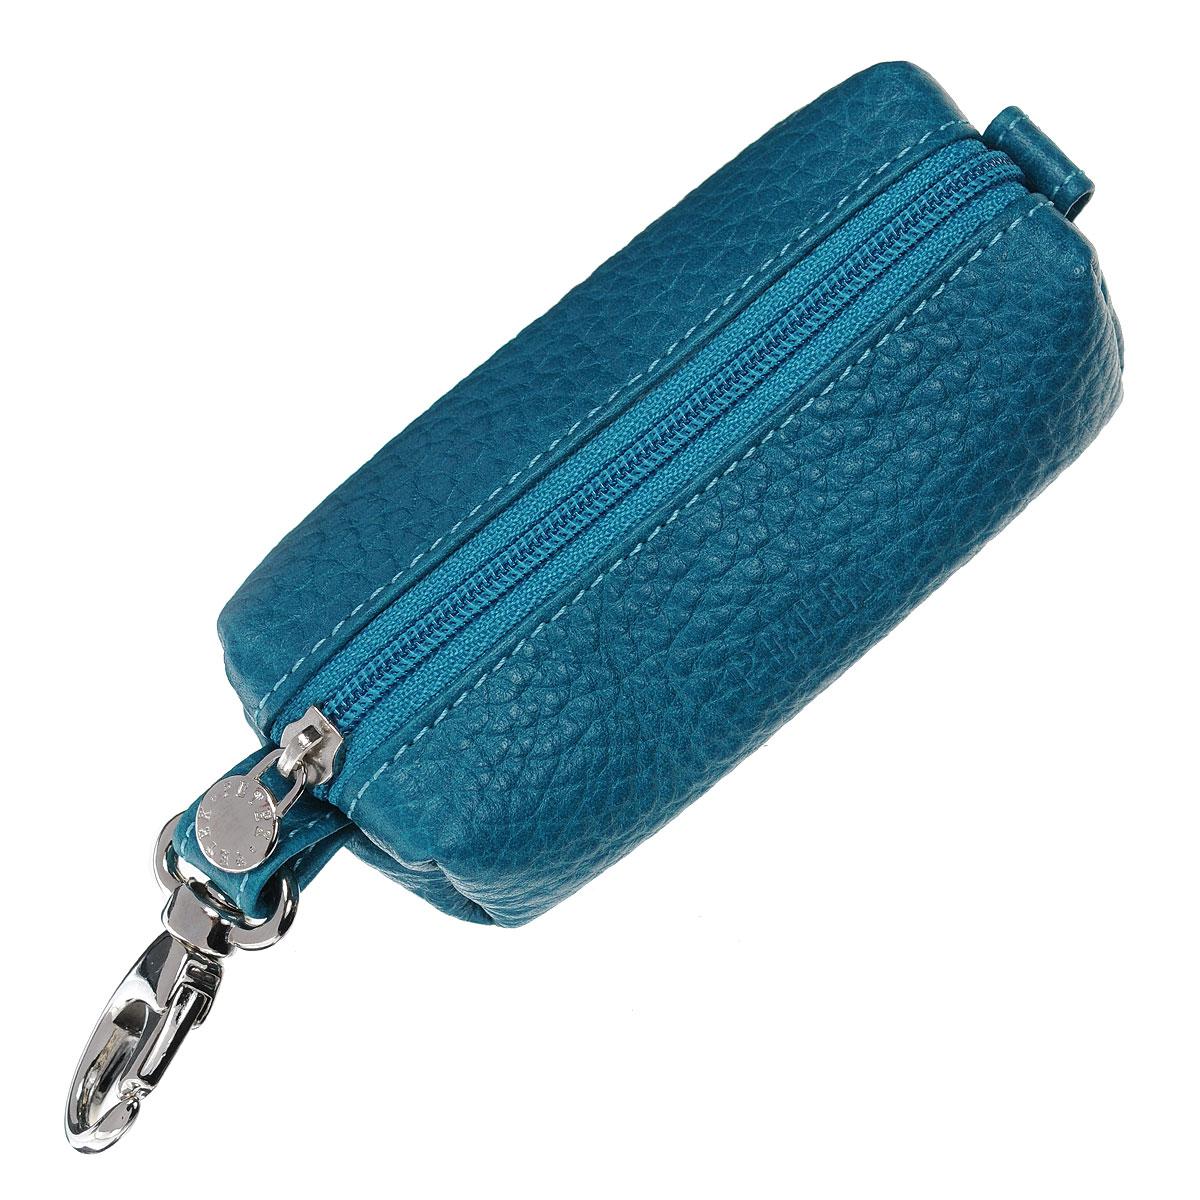 Ключница Petek, цвет: бирюзовый. 2542.46B.322542.46B.32 TurquoiseКомпактная ключница Petek - стильная вещь для хранения ключей. Ключница, закрывающаяся на застежку-молнию, выполнена из натуральной кожи. Внутри - металлическое кольцо для ключей на цепочке. С внешней стороны - карабин для крепления. Ключница упакована в фирменную коробку с логотипом. Этот аксессуар станет замечательным подарком человеку, ценящему качественные и практичные вещи.